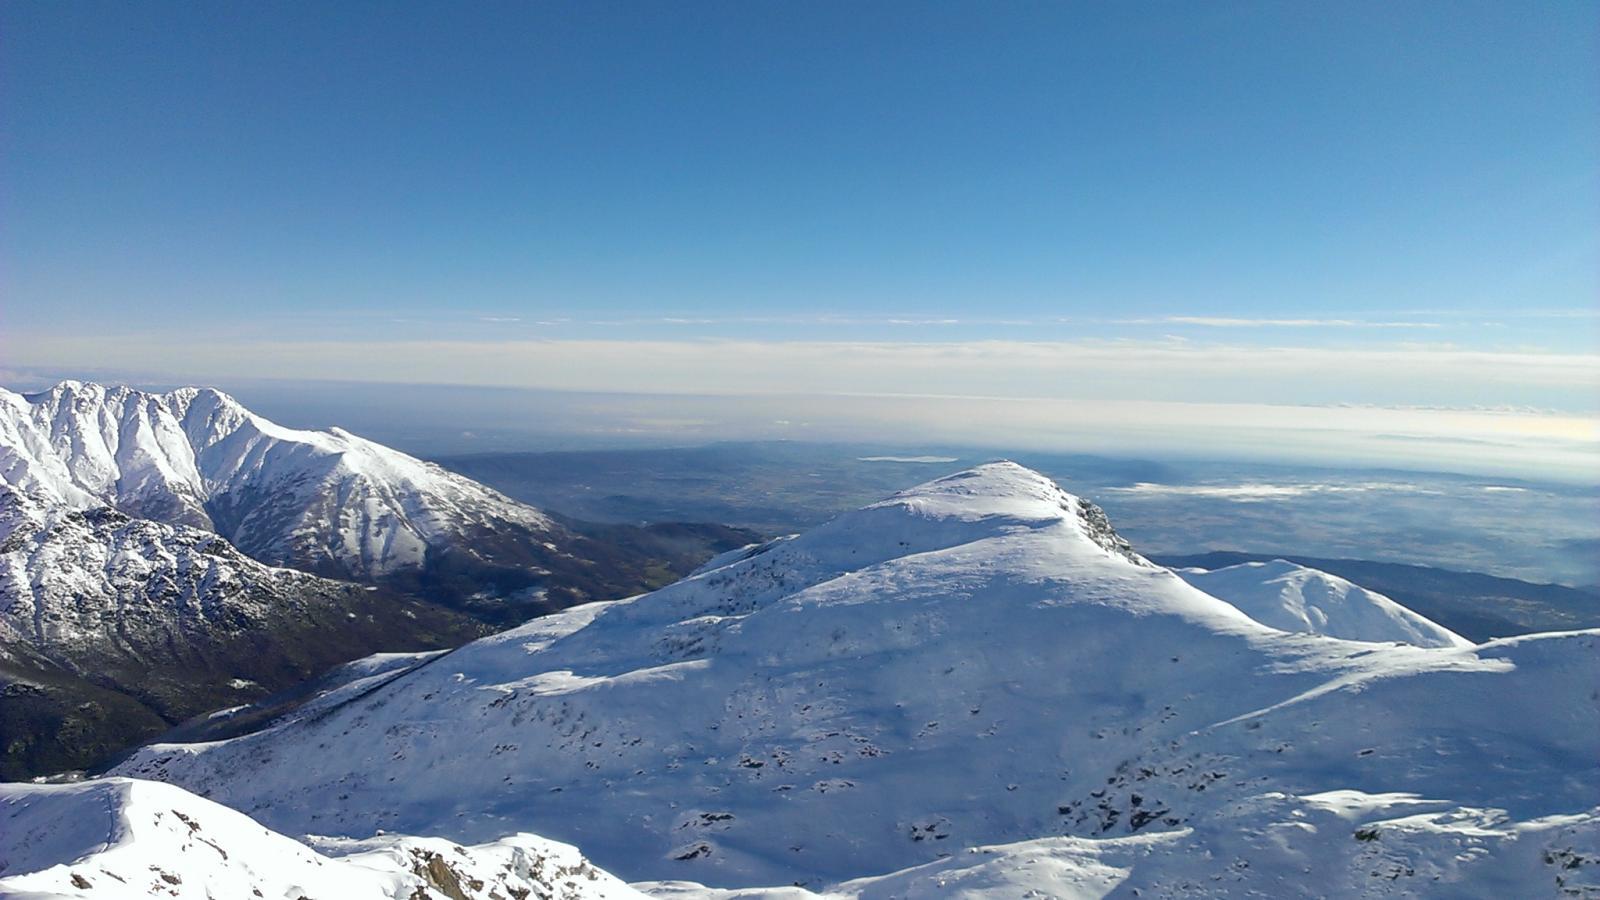 La cresta del Monte Lion, verso la pianura, immersa nelle nebbie del mattino